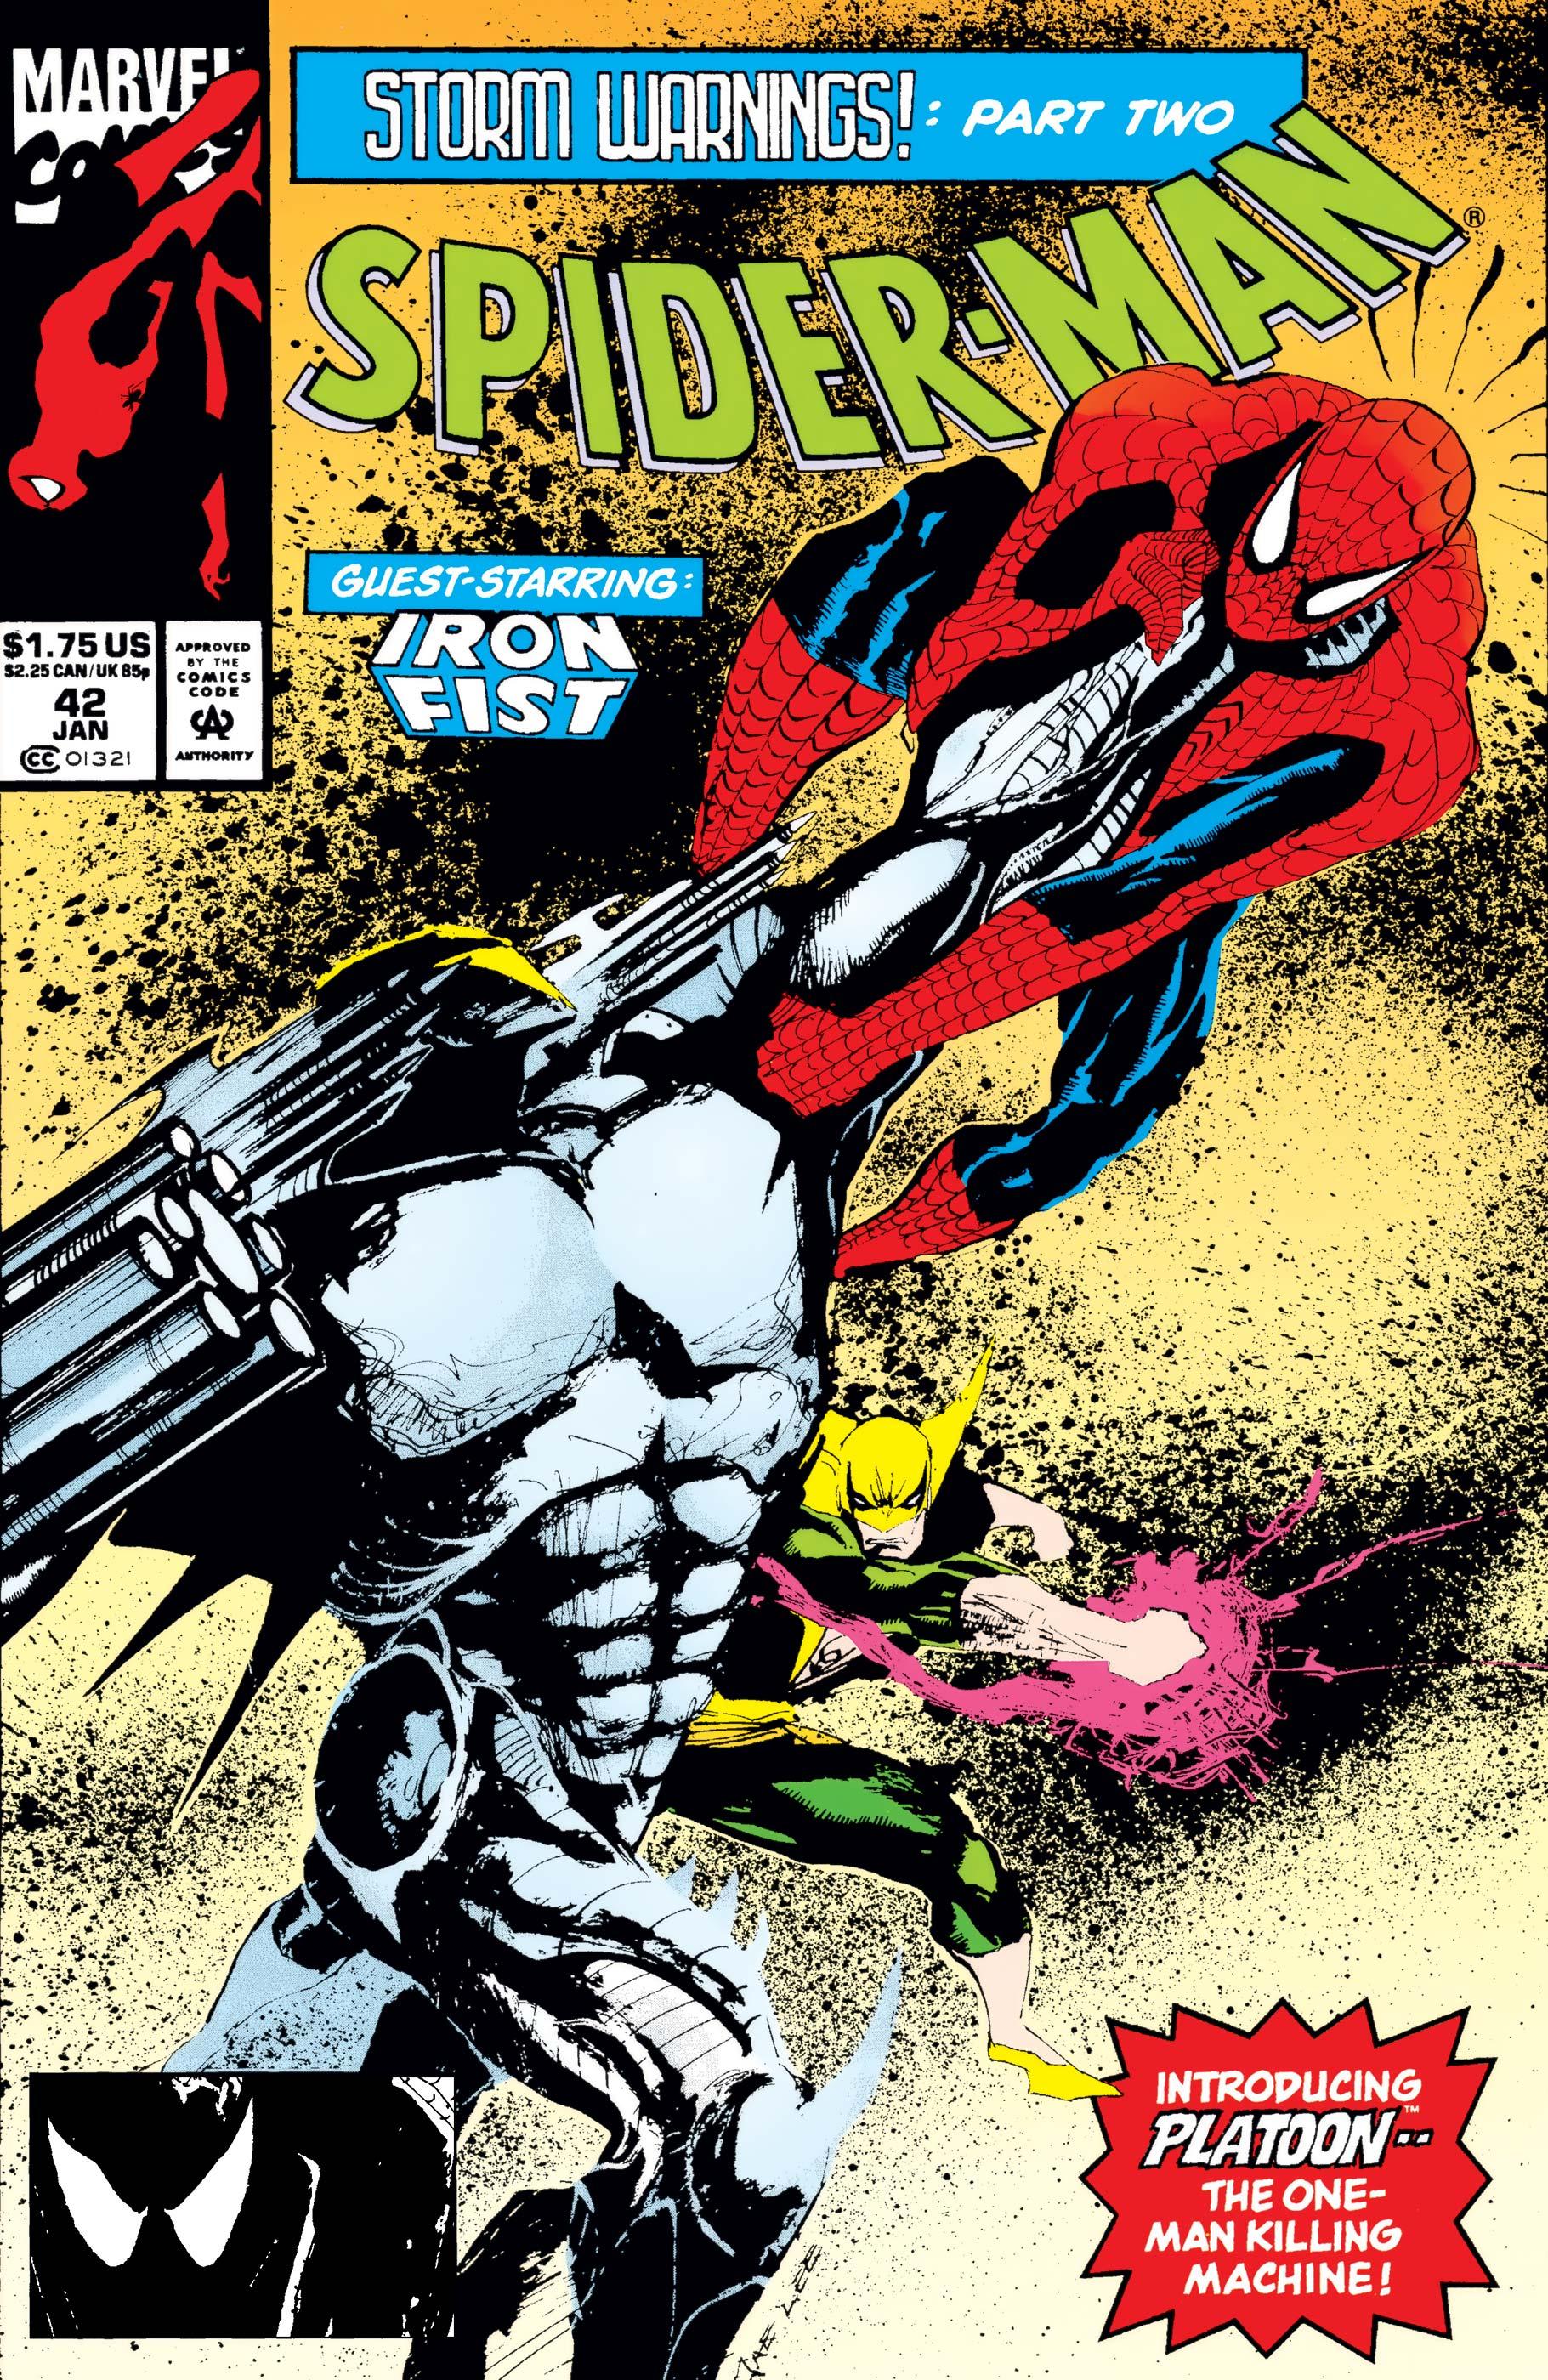 Spider-Man (1990) #42